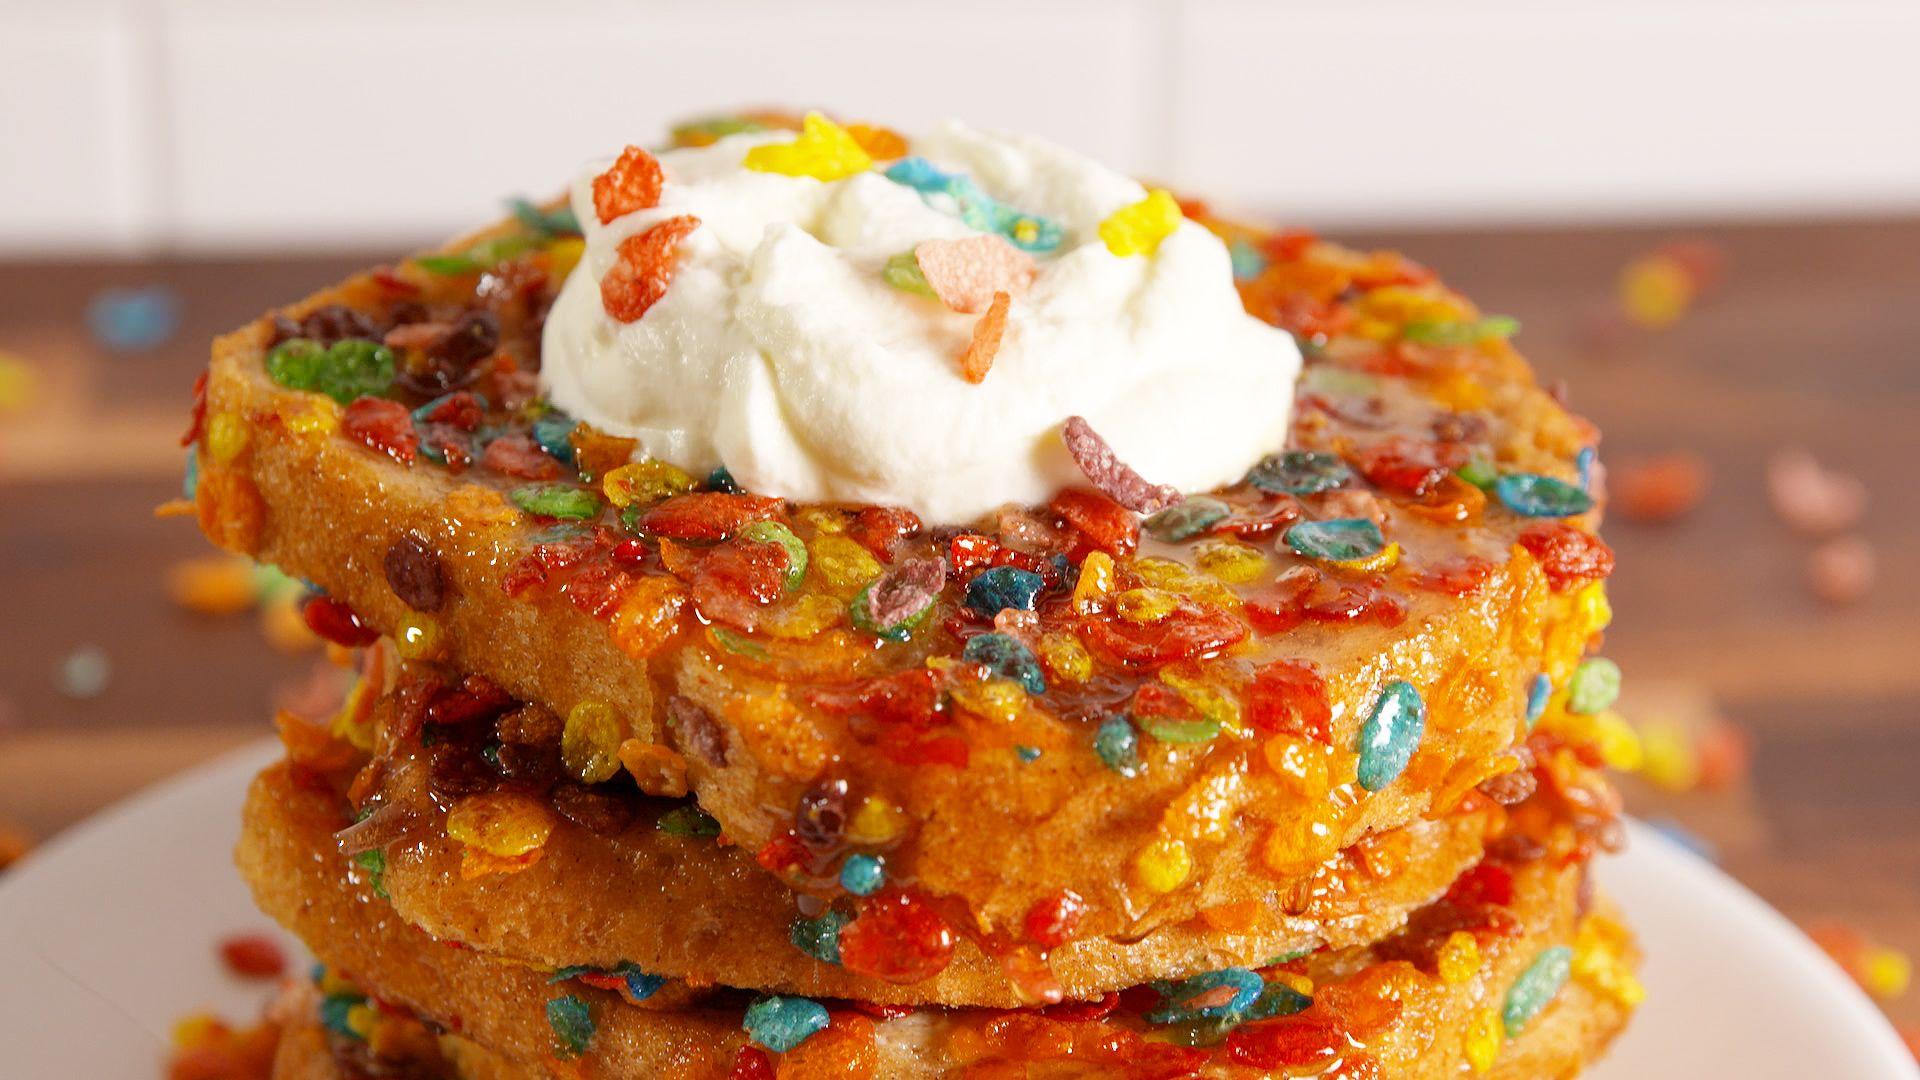 20 Best Breakfast Ideas For Kids Fun Recipes For Easy Kids Breakfasts Delish Com